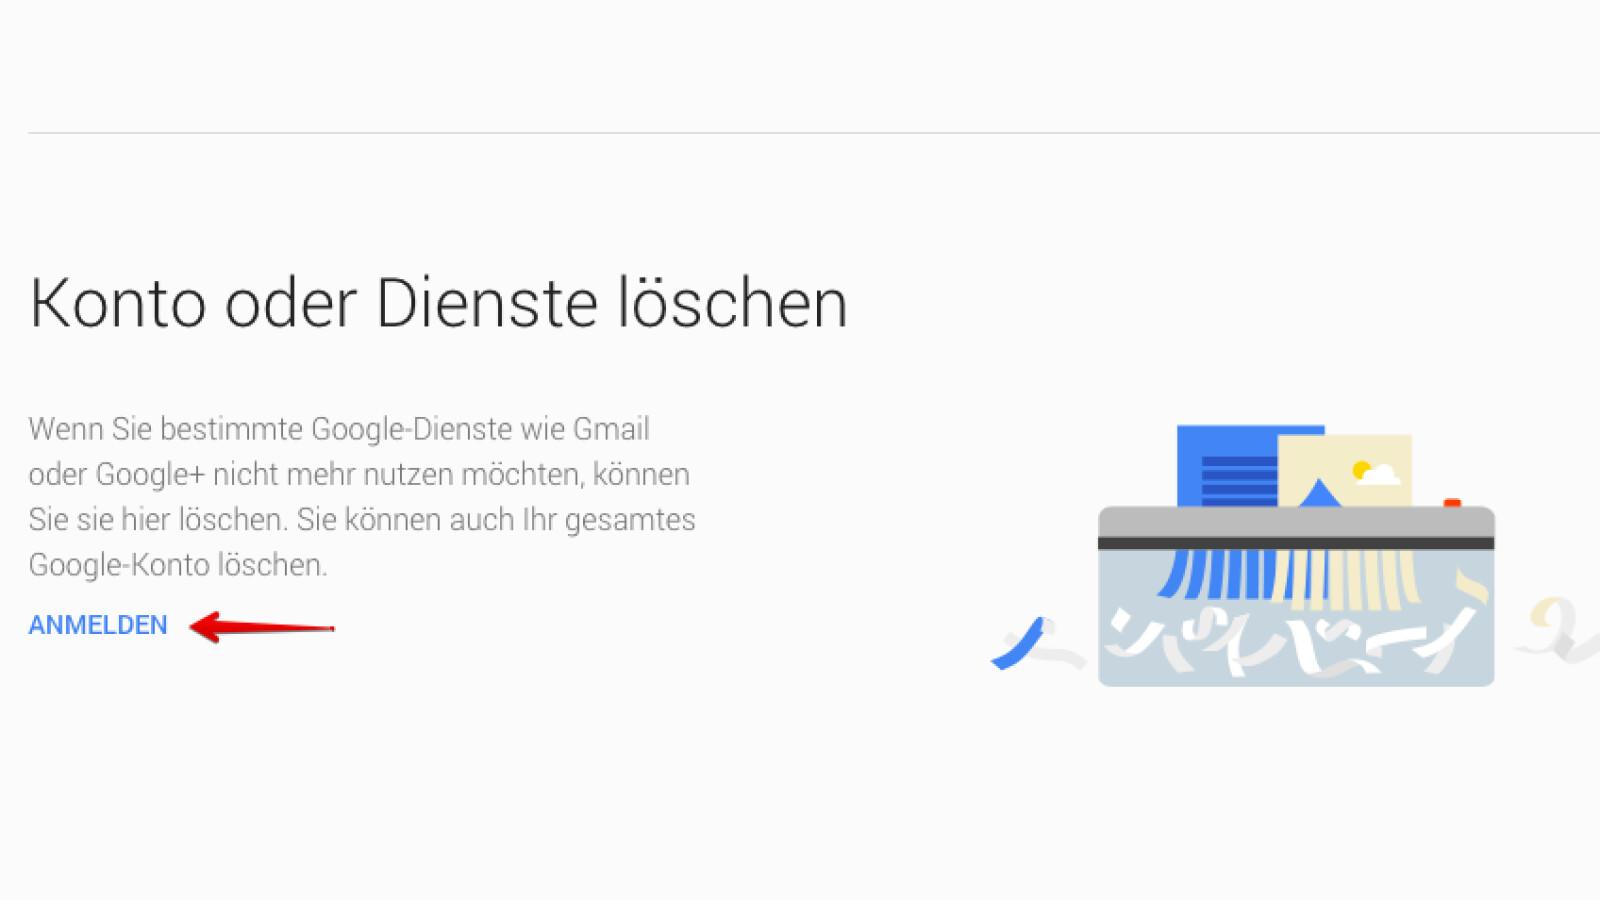 Google Plus Konto Wird Gelöscht